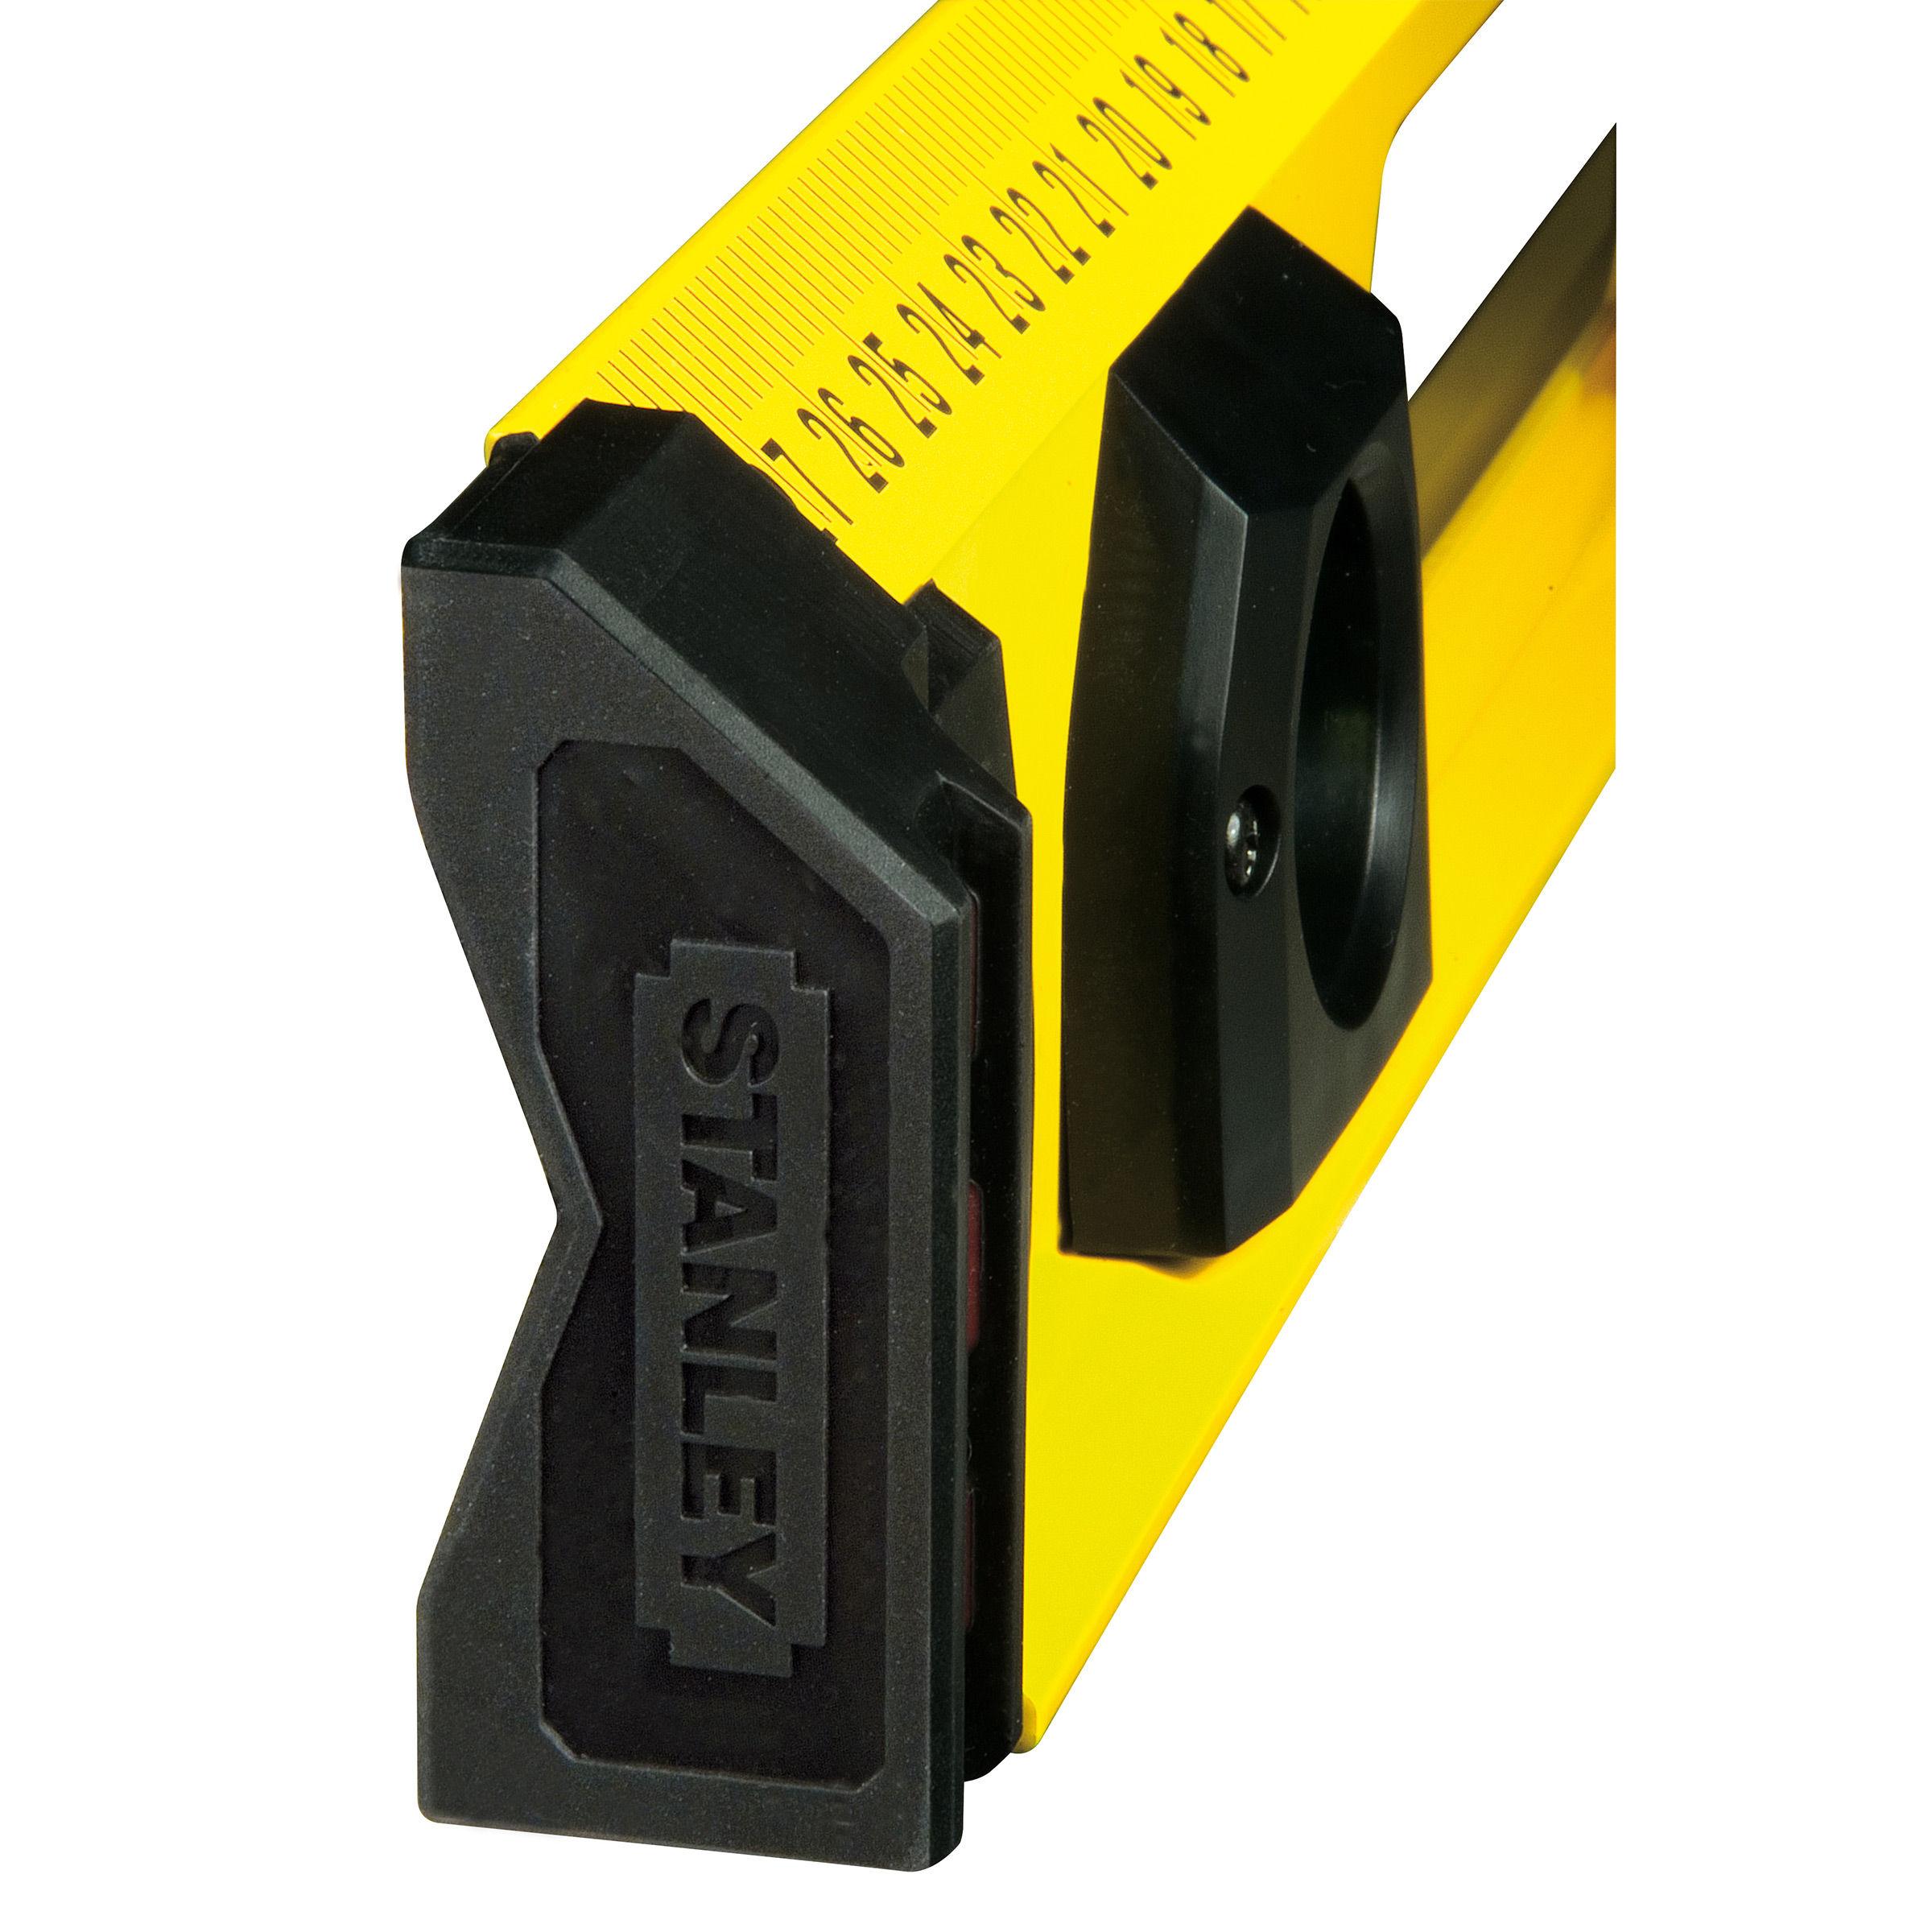 Toolstop Stanley 1 43 553 Fatmax I Beam Spirit Level 600mm